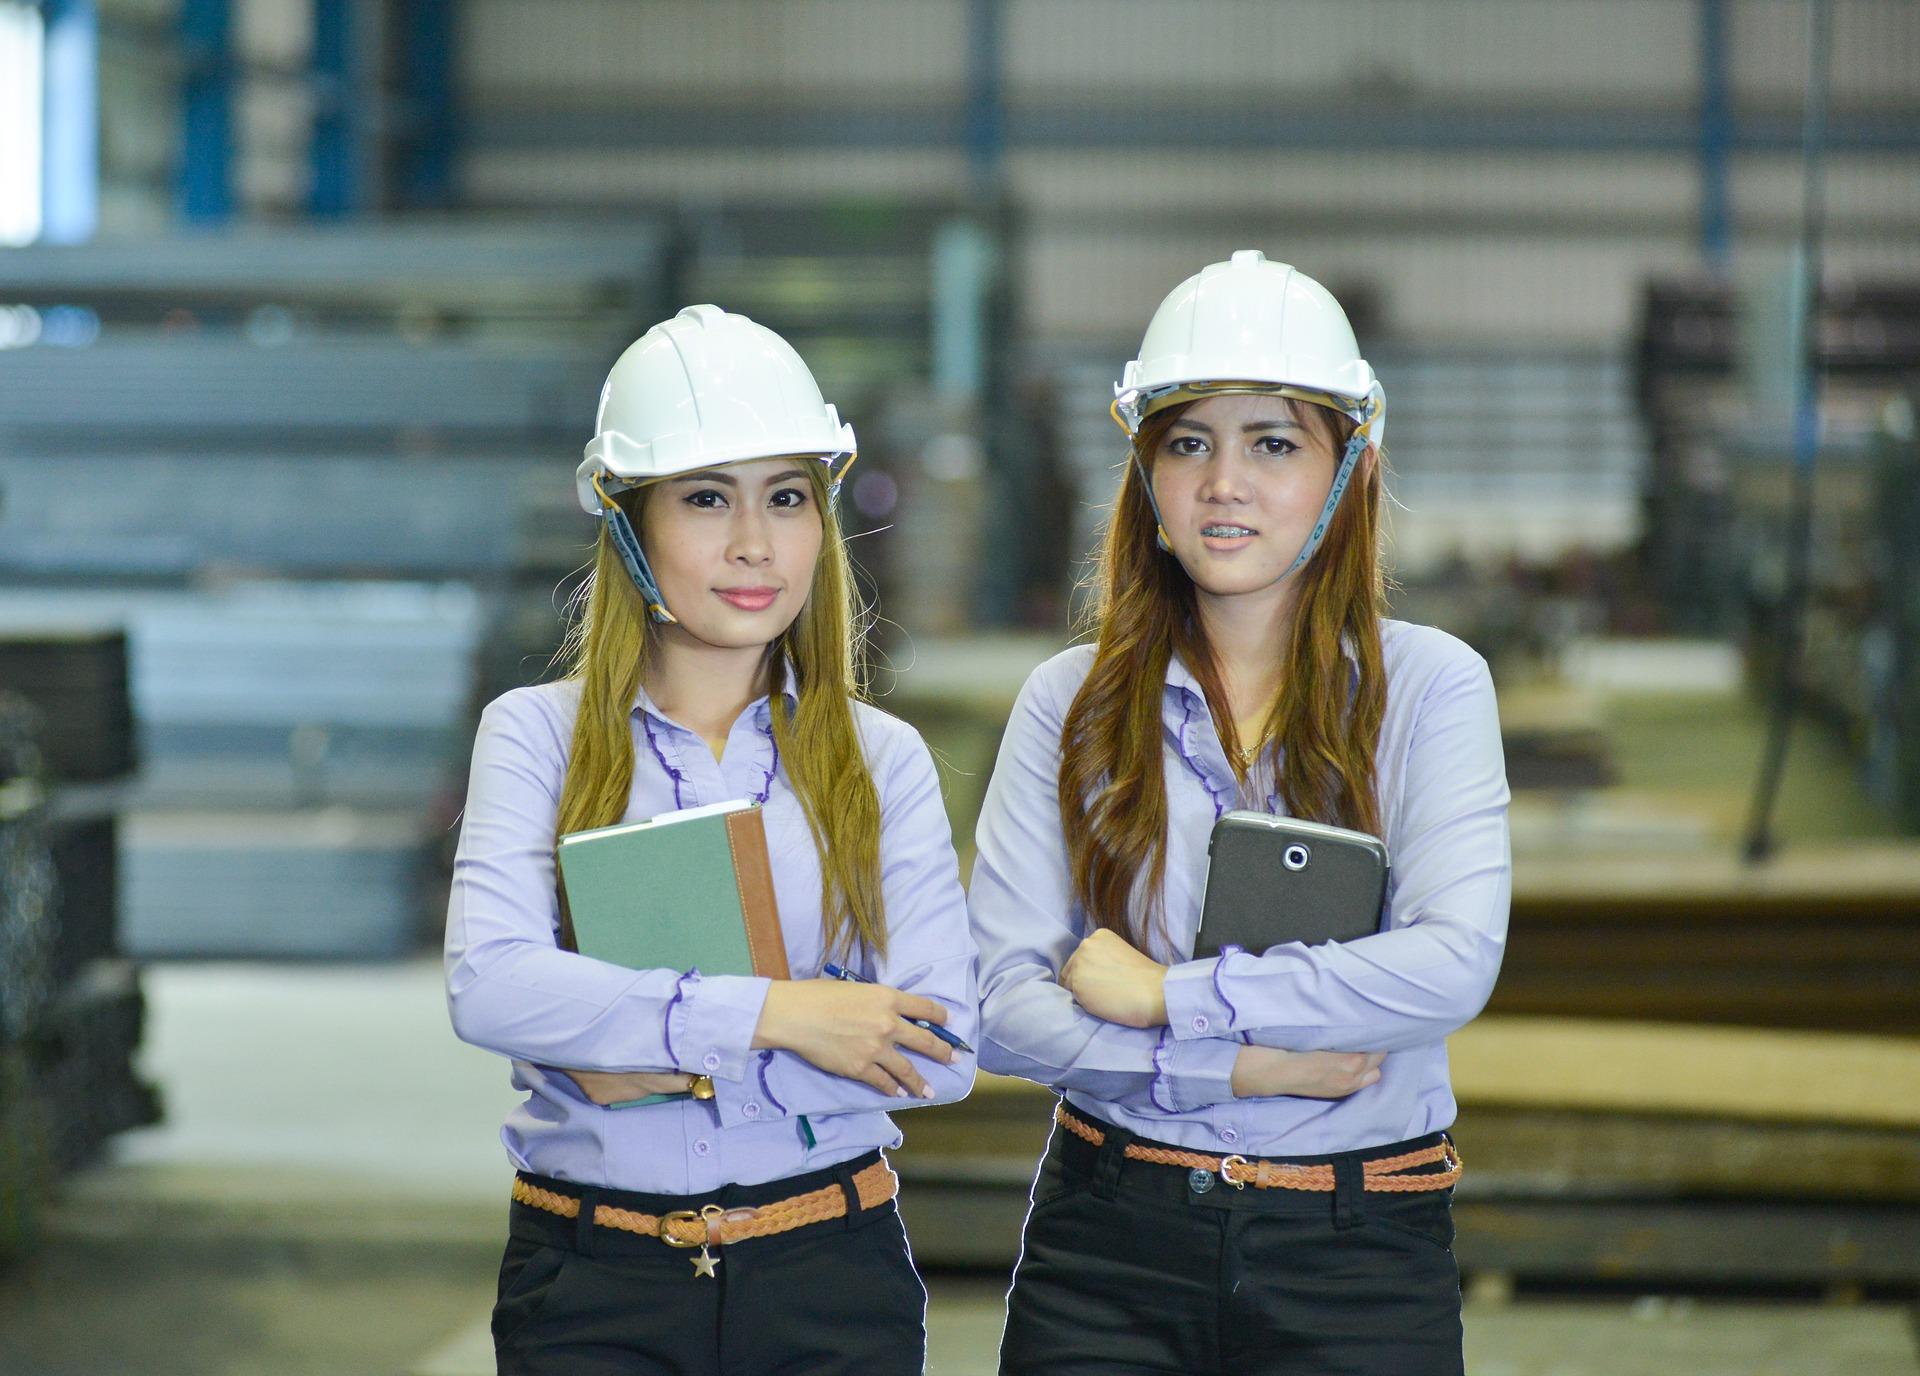 留学生の就職事情とは?アメリカ留学後の就職のために知っておくこと。